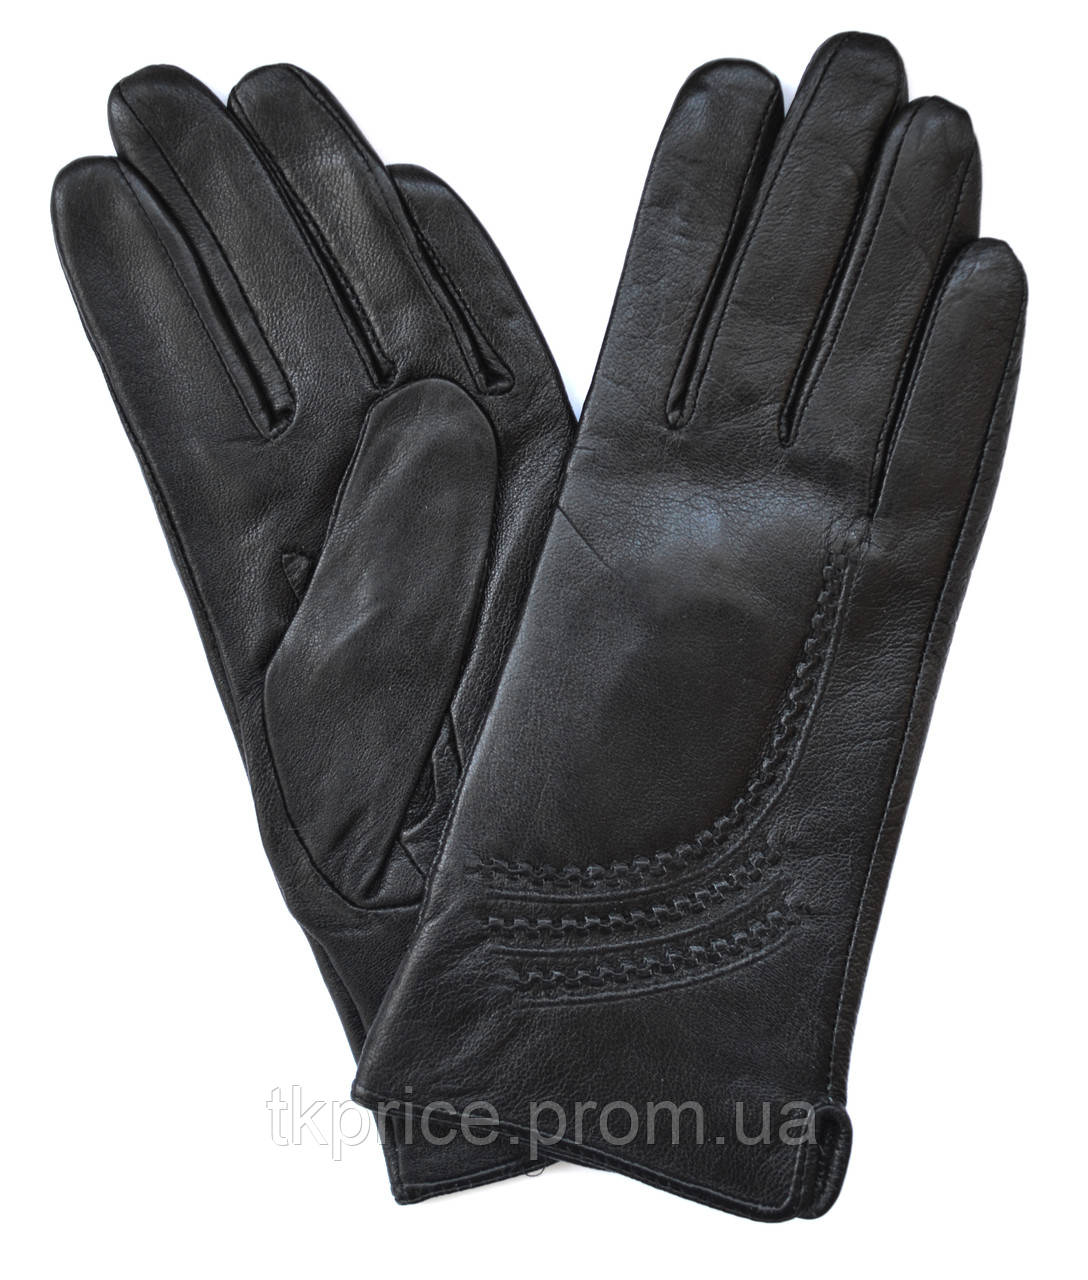 Женские перчатки из натуральной мягкой и эластичной кожи на плюшевой подкладке